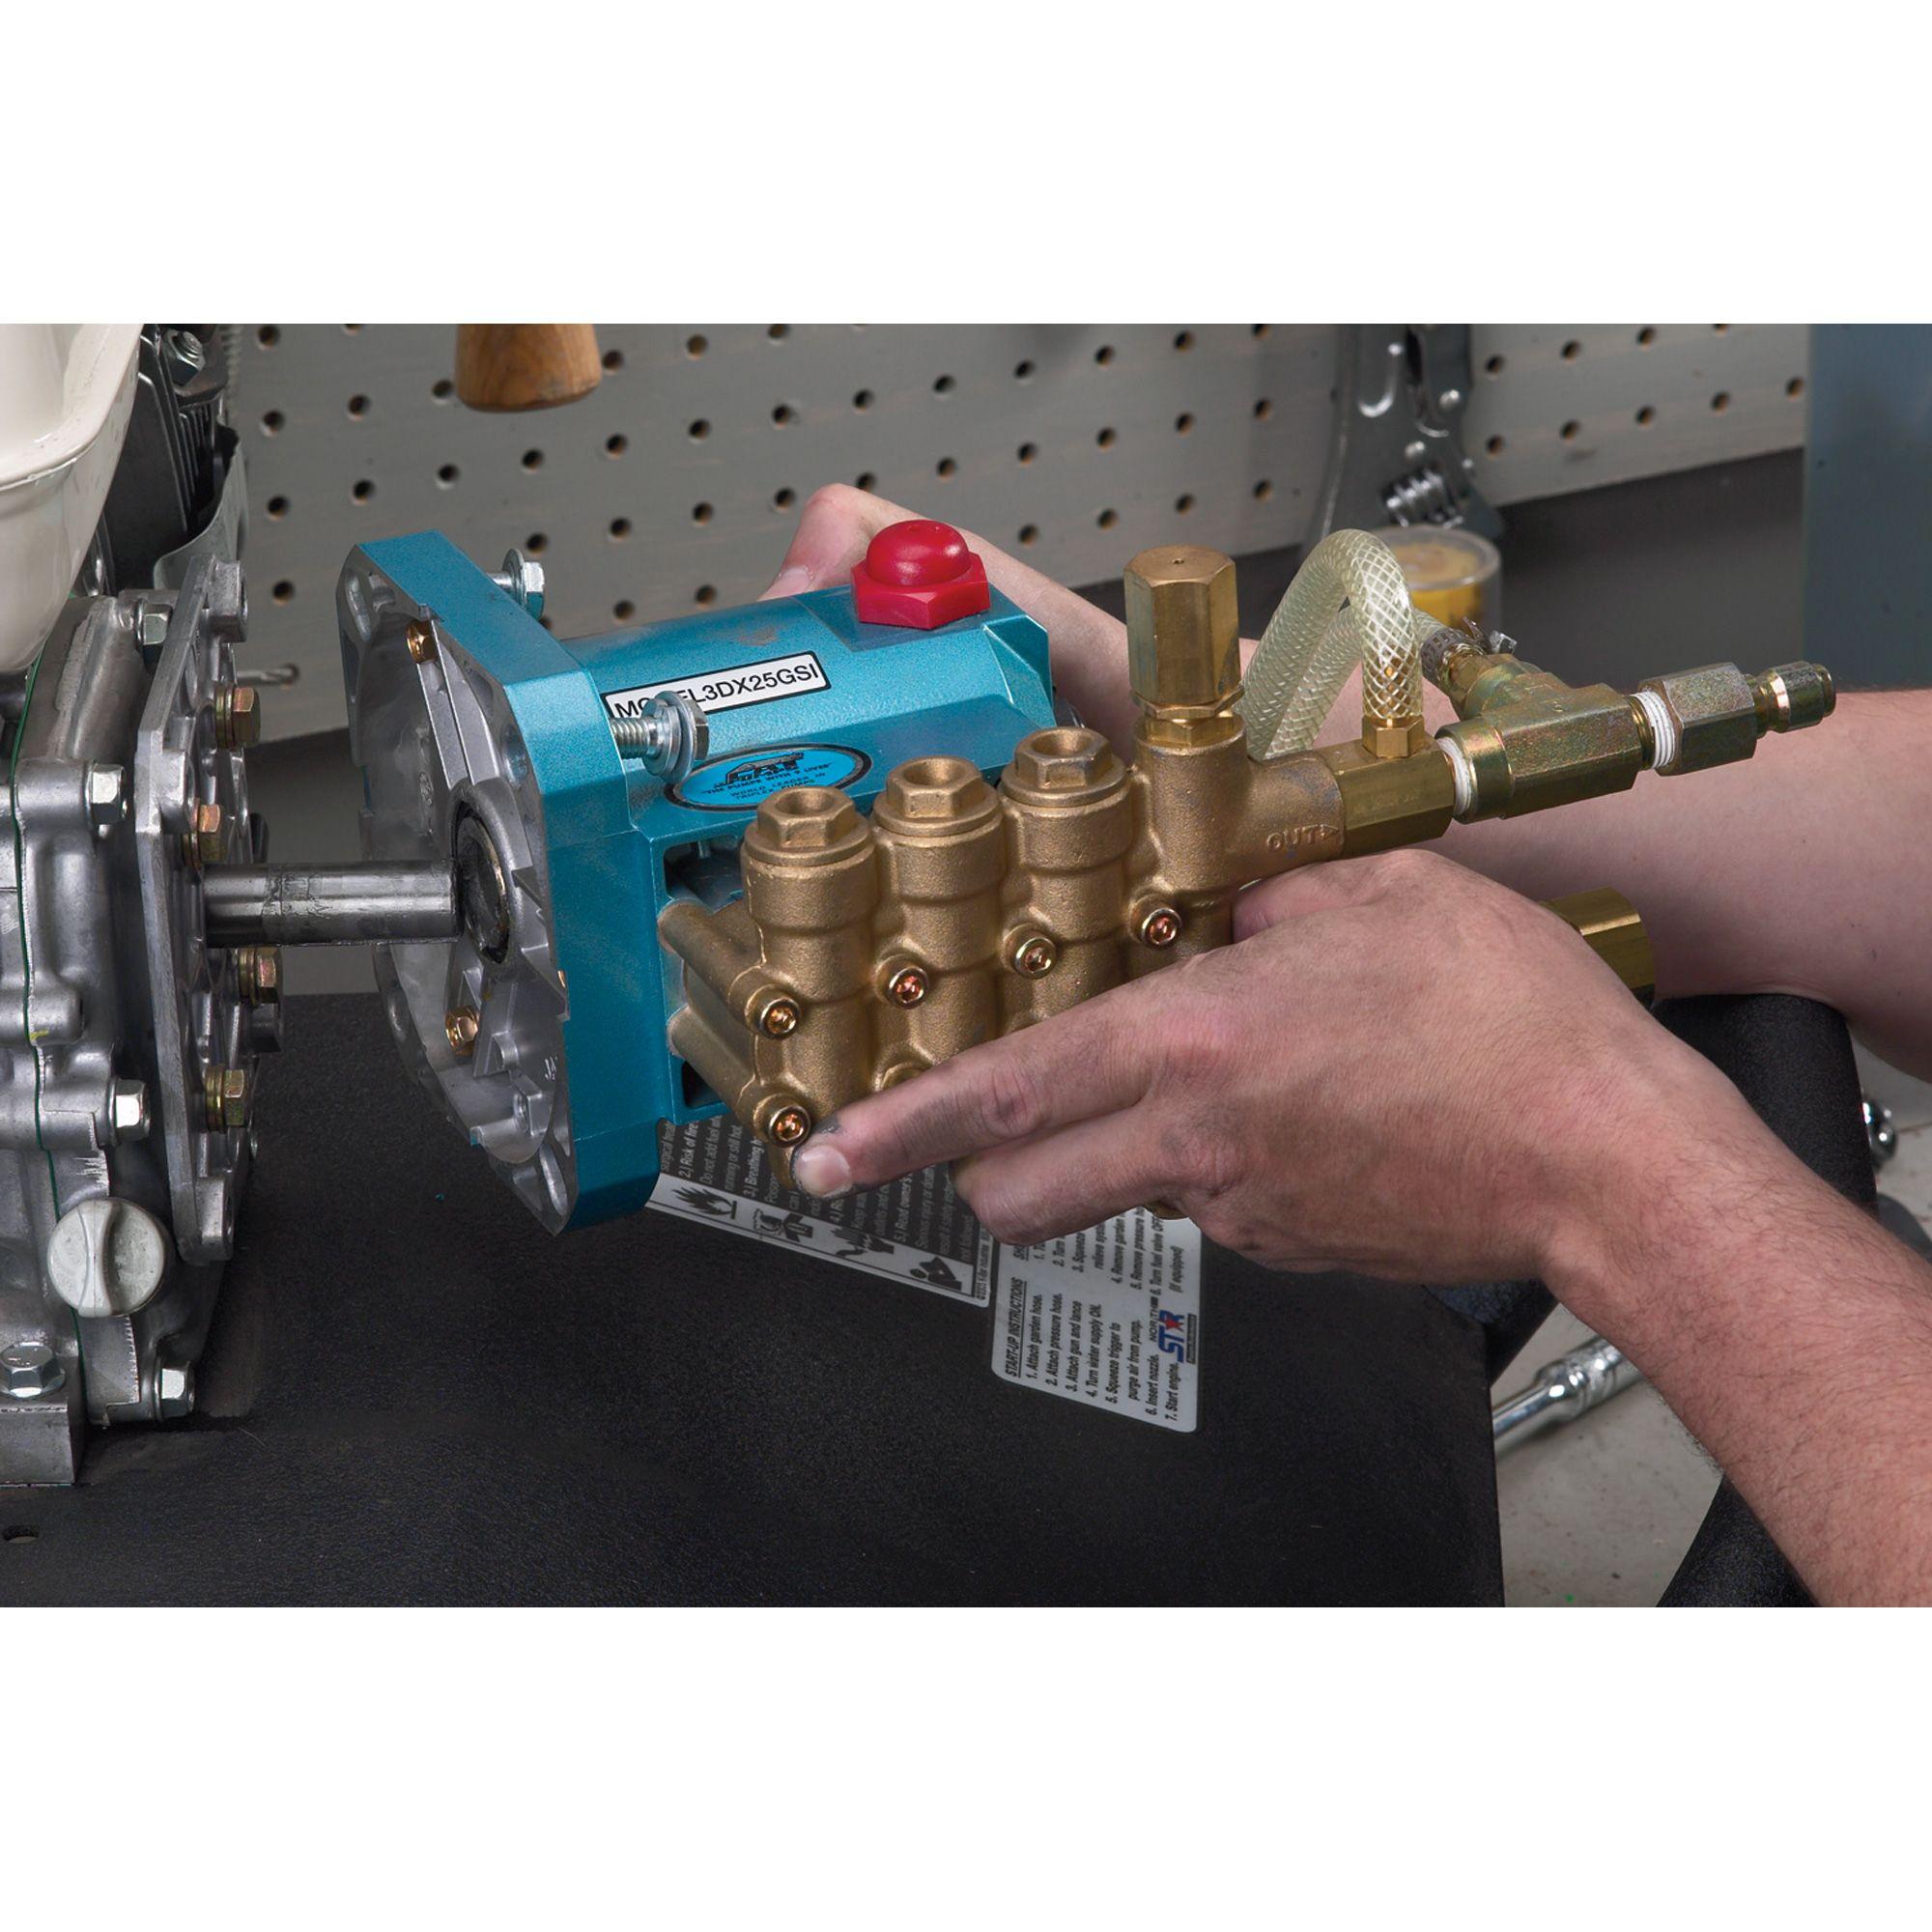 CAT Pumps Pressure Washer Pump — 2750 PSI, 2 5 GPM, Direct